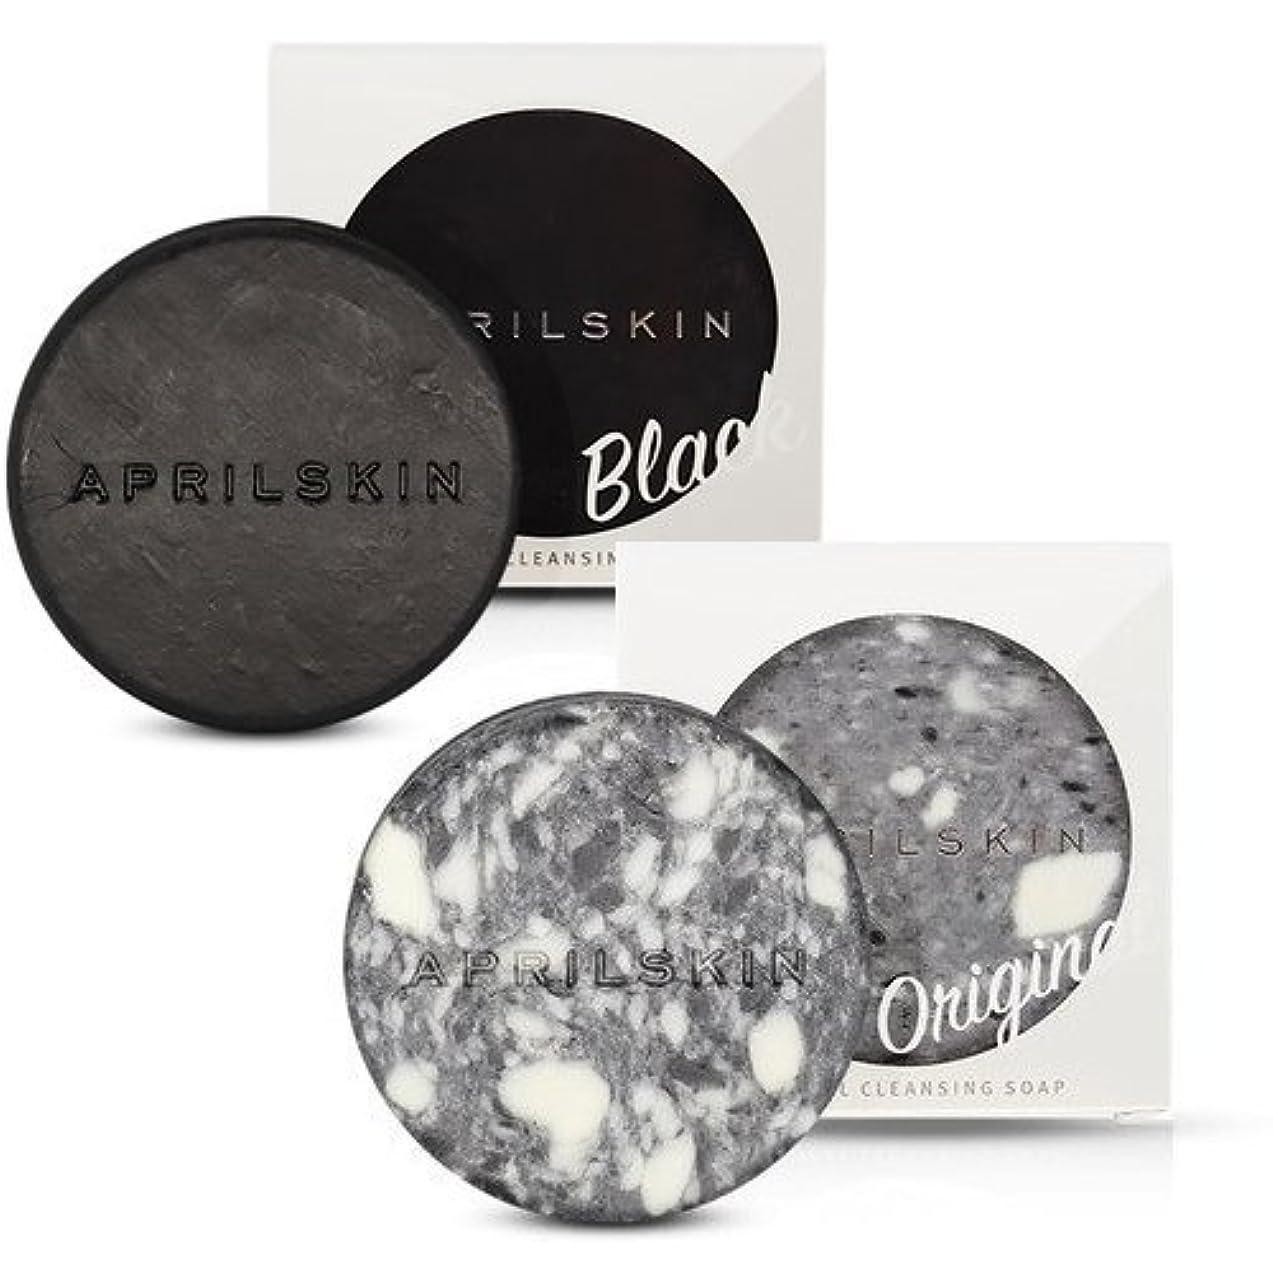 リズムシャツ泣いている[1+1][APRILSKIN] エイプリルスキン国民石鹸 (APRIL SKIN マジックストーンのリニューアルバージョン新発売) (ORIGINAL+BLACK) [並行輸入品]